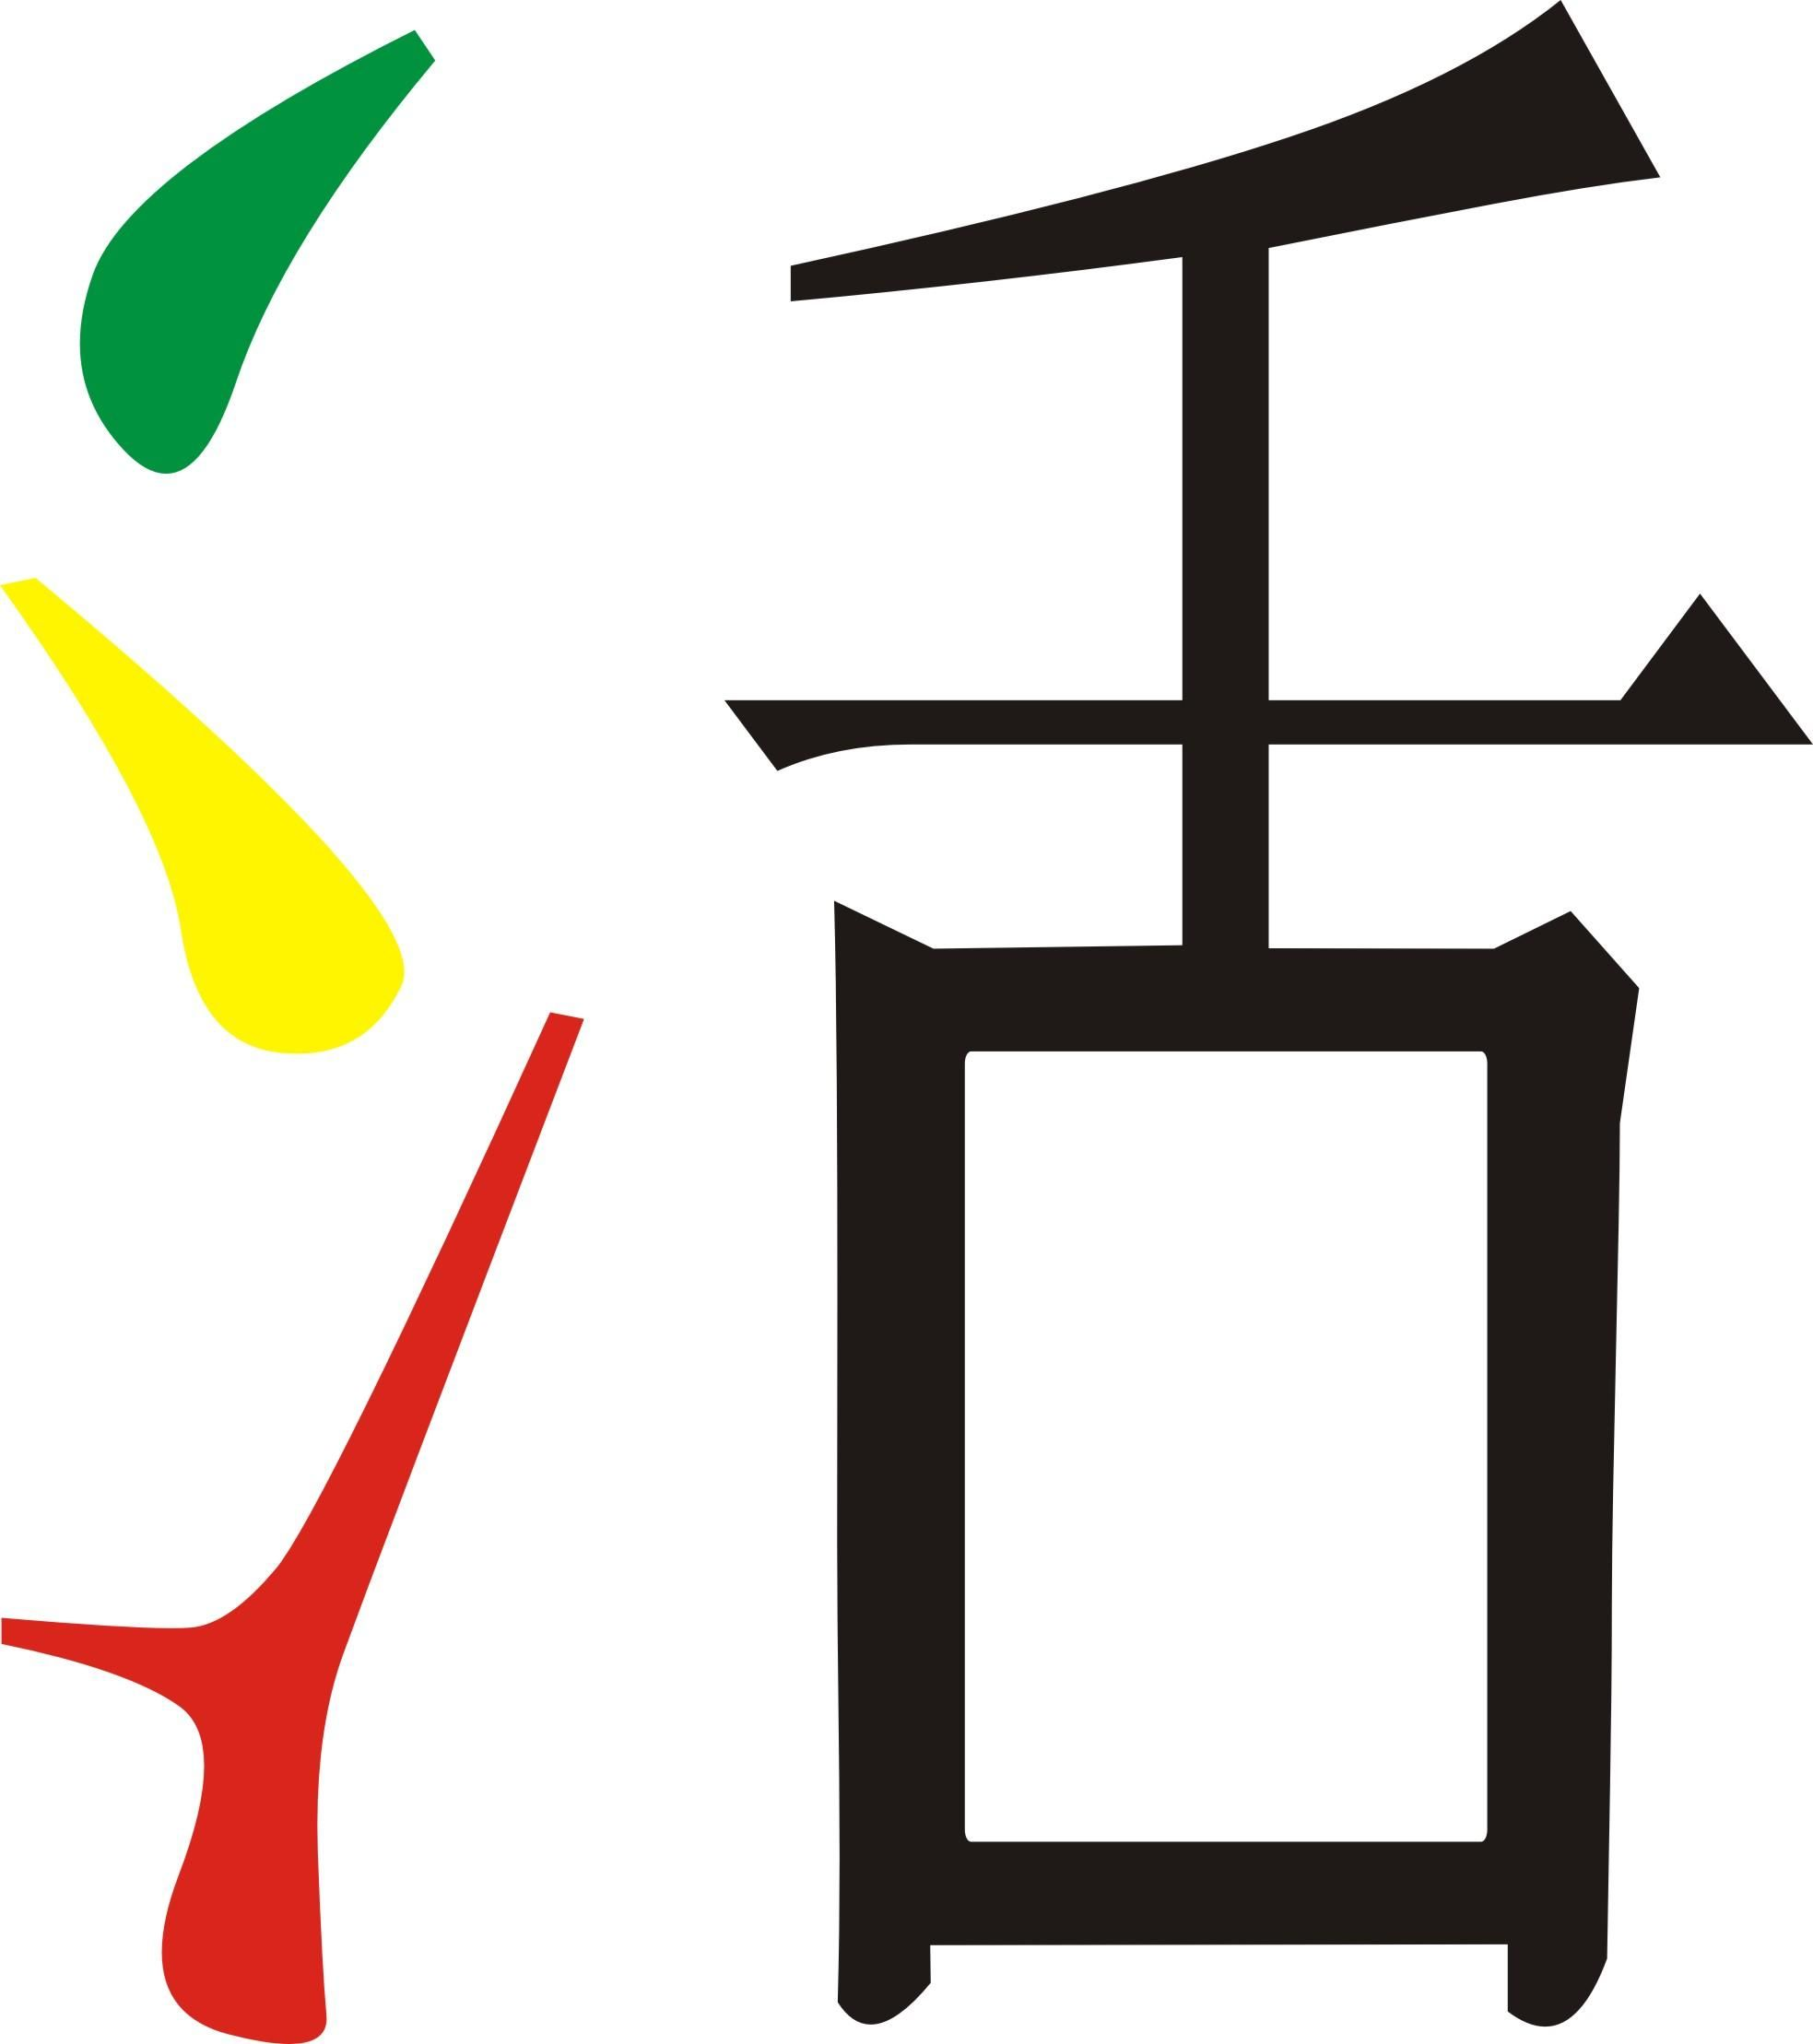 字体的笔画调整案例图片 设计师狂风暴雨设计工作室的空间 红动中国设计空间 字体设计 字体设计